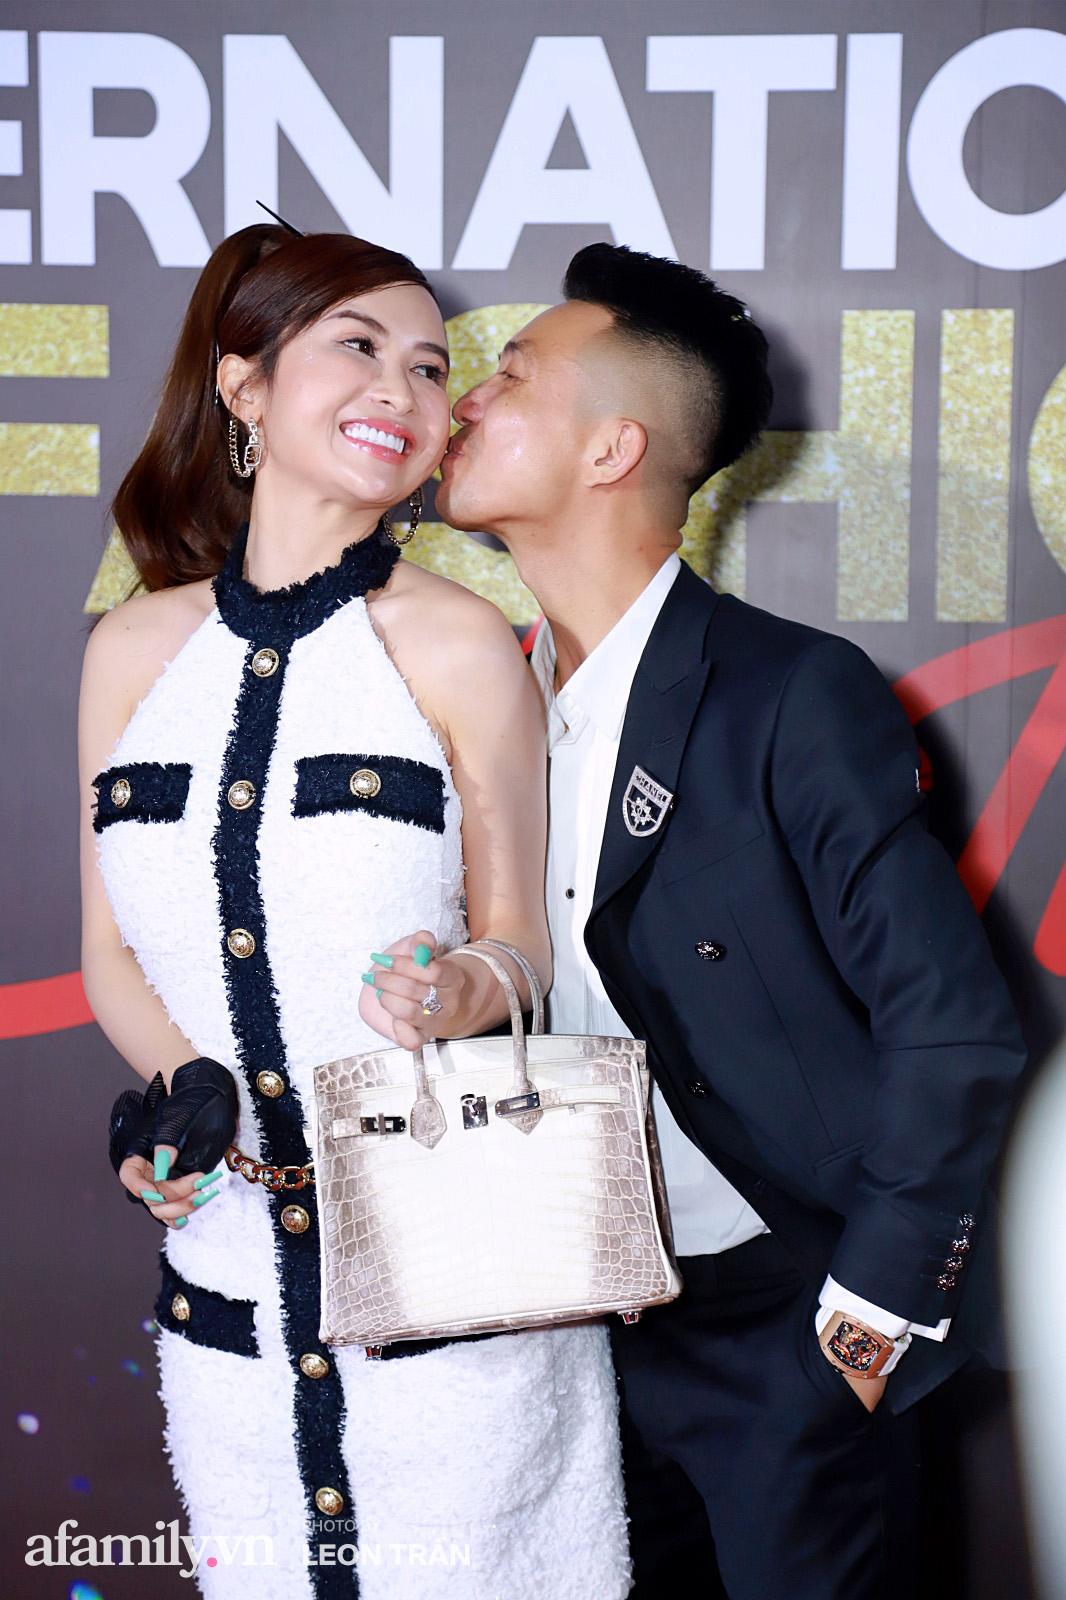 Vợ 2 Minh Nhựa diện hẳn túi Hermes bạch tạng tiền tỷ sóng đôi cùng chồng ngay trên thảm đỏ Fashion Festival ngày 3 - Ảnh 11.